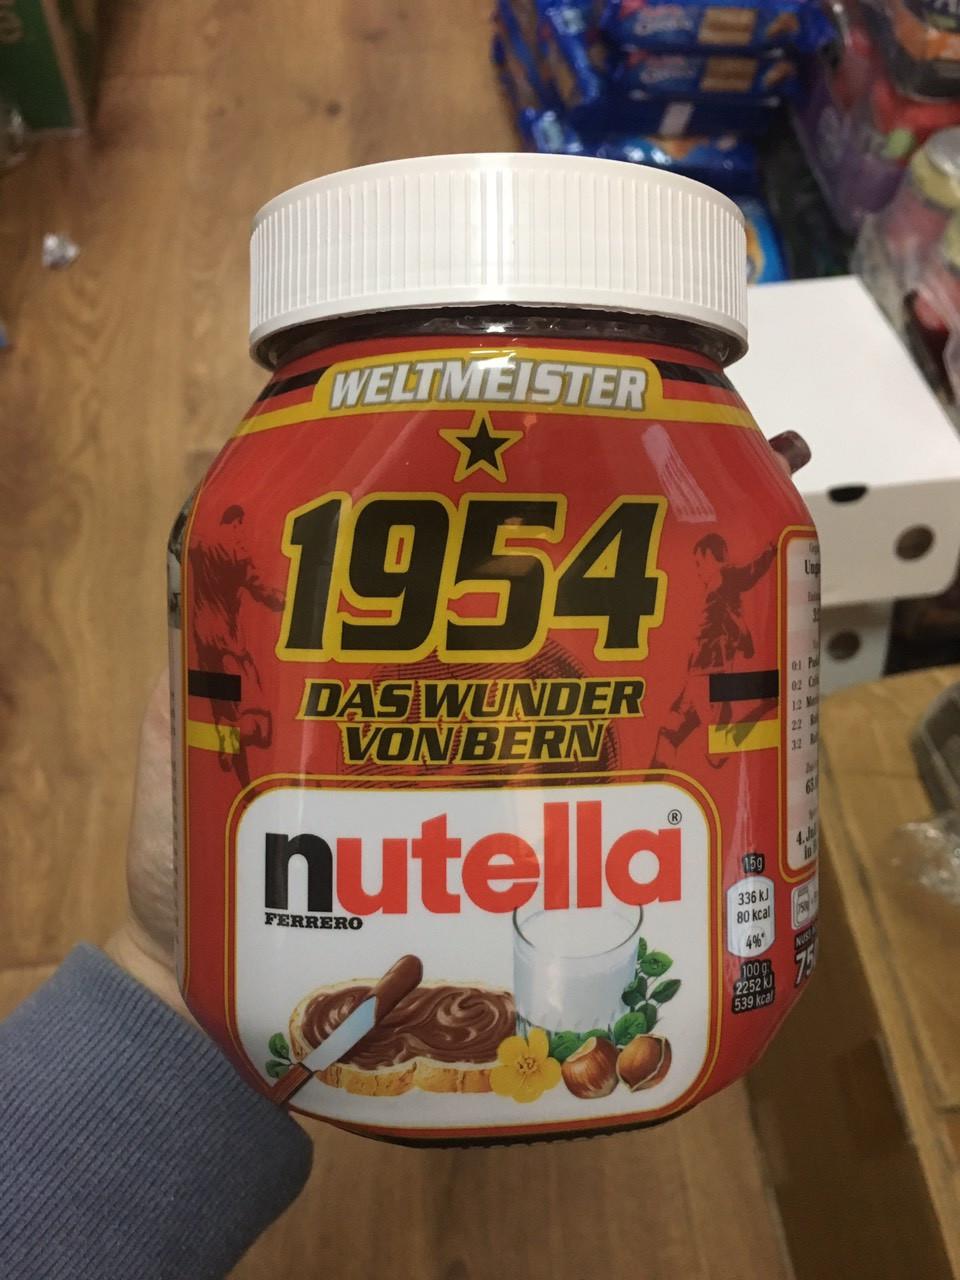 Nutella с уникальным футбольным дизайном 750 g